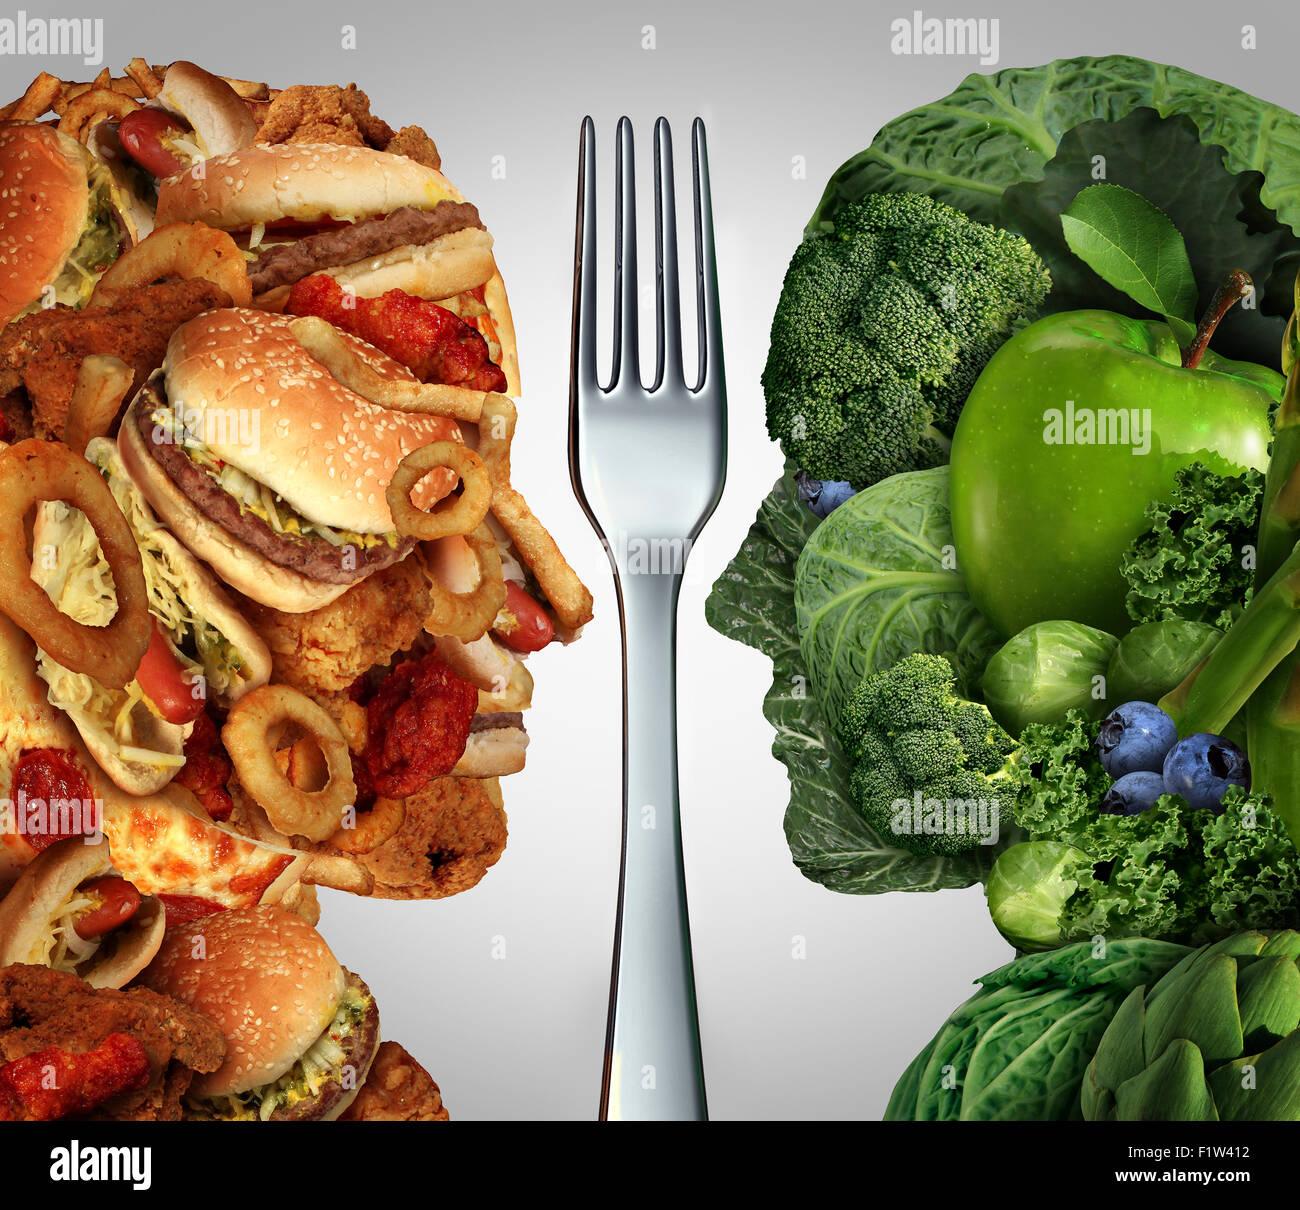 Decisión de la nutrición y la dieta concepto opciones saludables dilema entre buena fruta y verdura fresca o grasiento Foto de stock